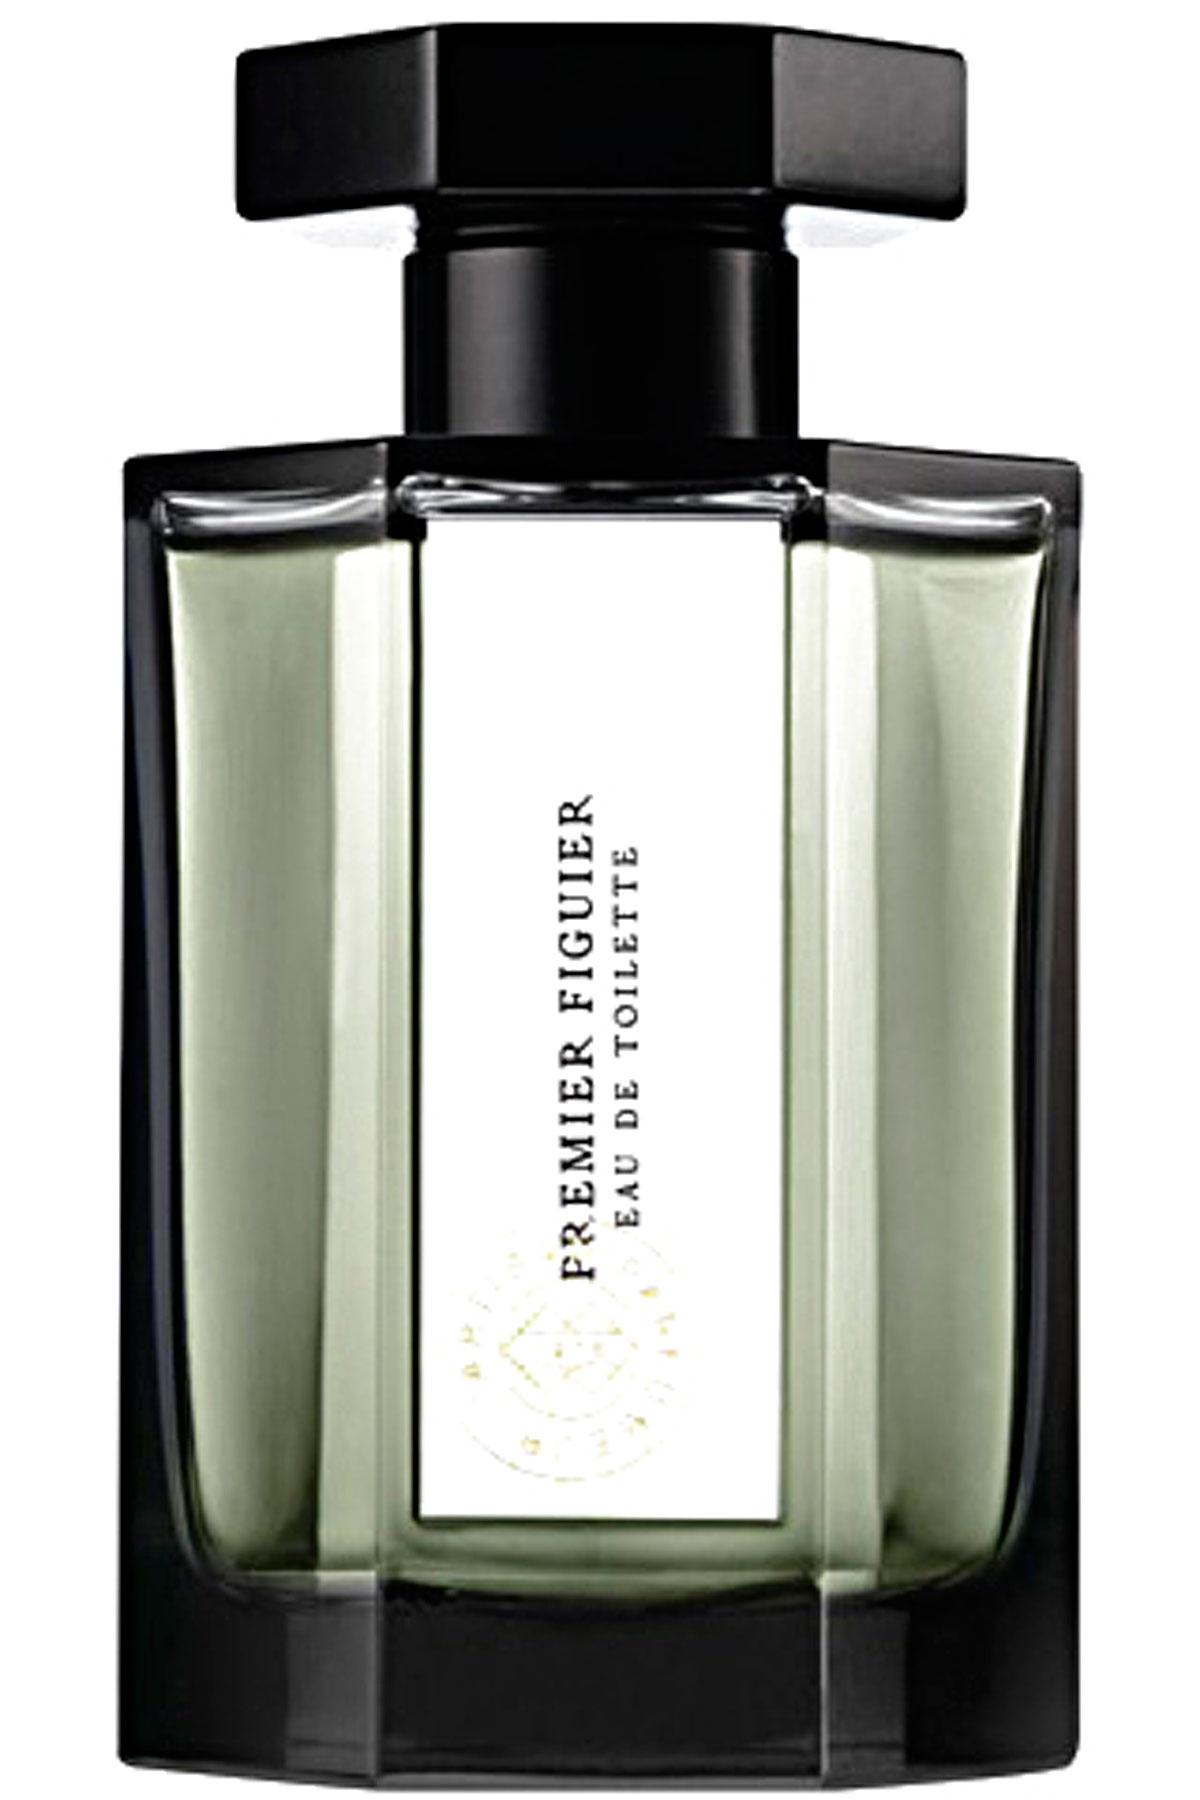 Artisan Parfumeur Fragrances for Men, Premier Figuier - Eau De Toilette - 100 Ml, 2019, 100 ml